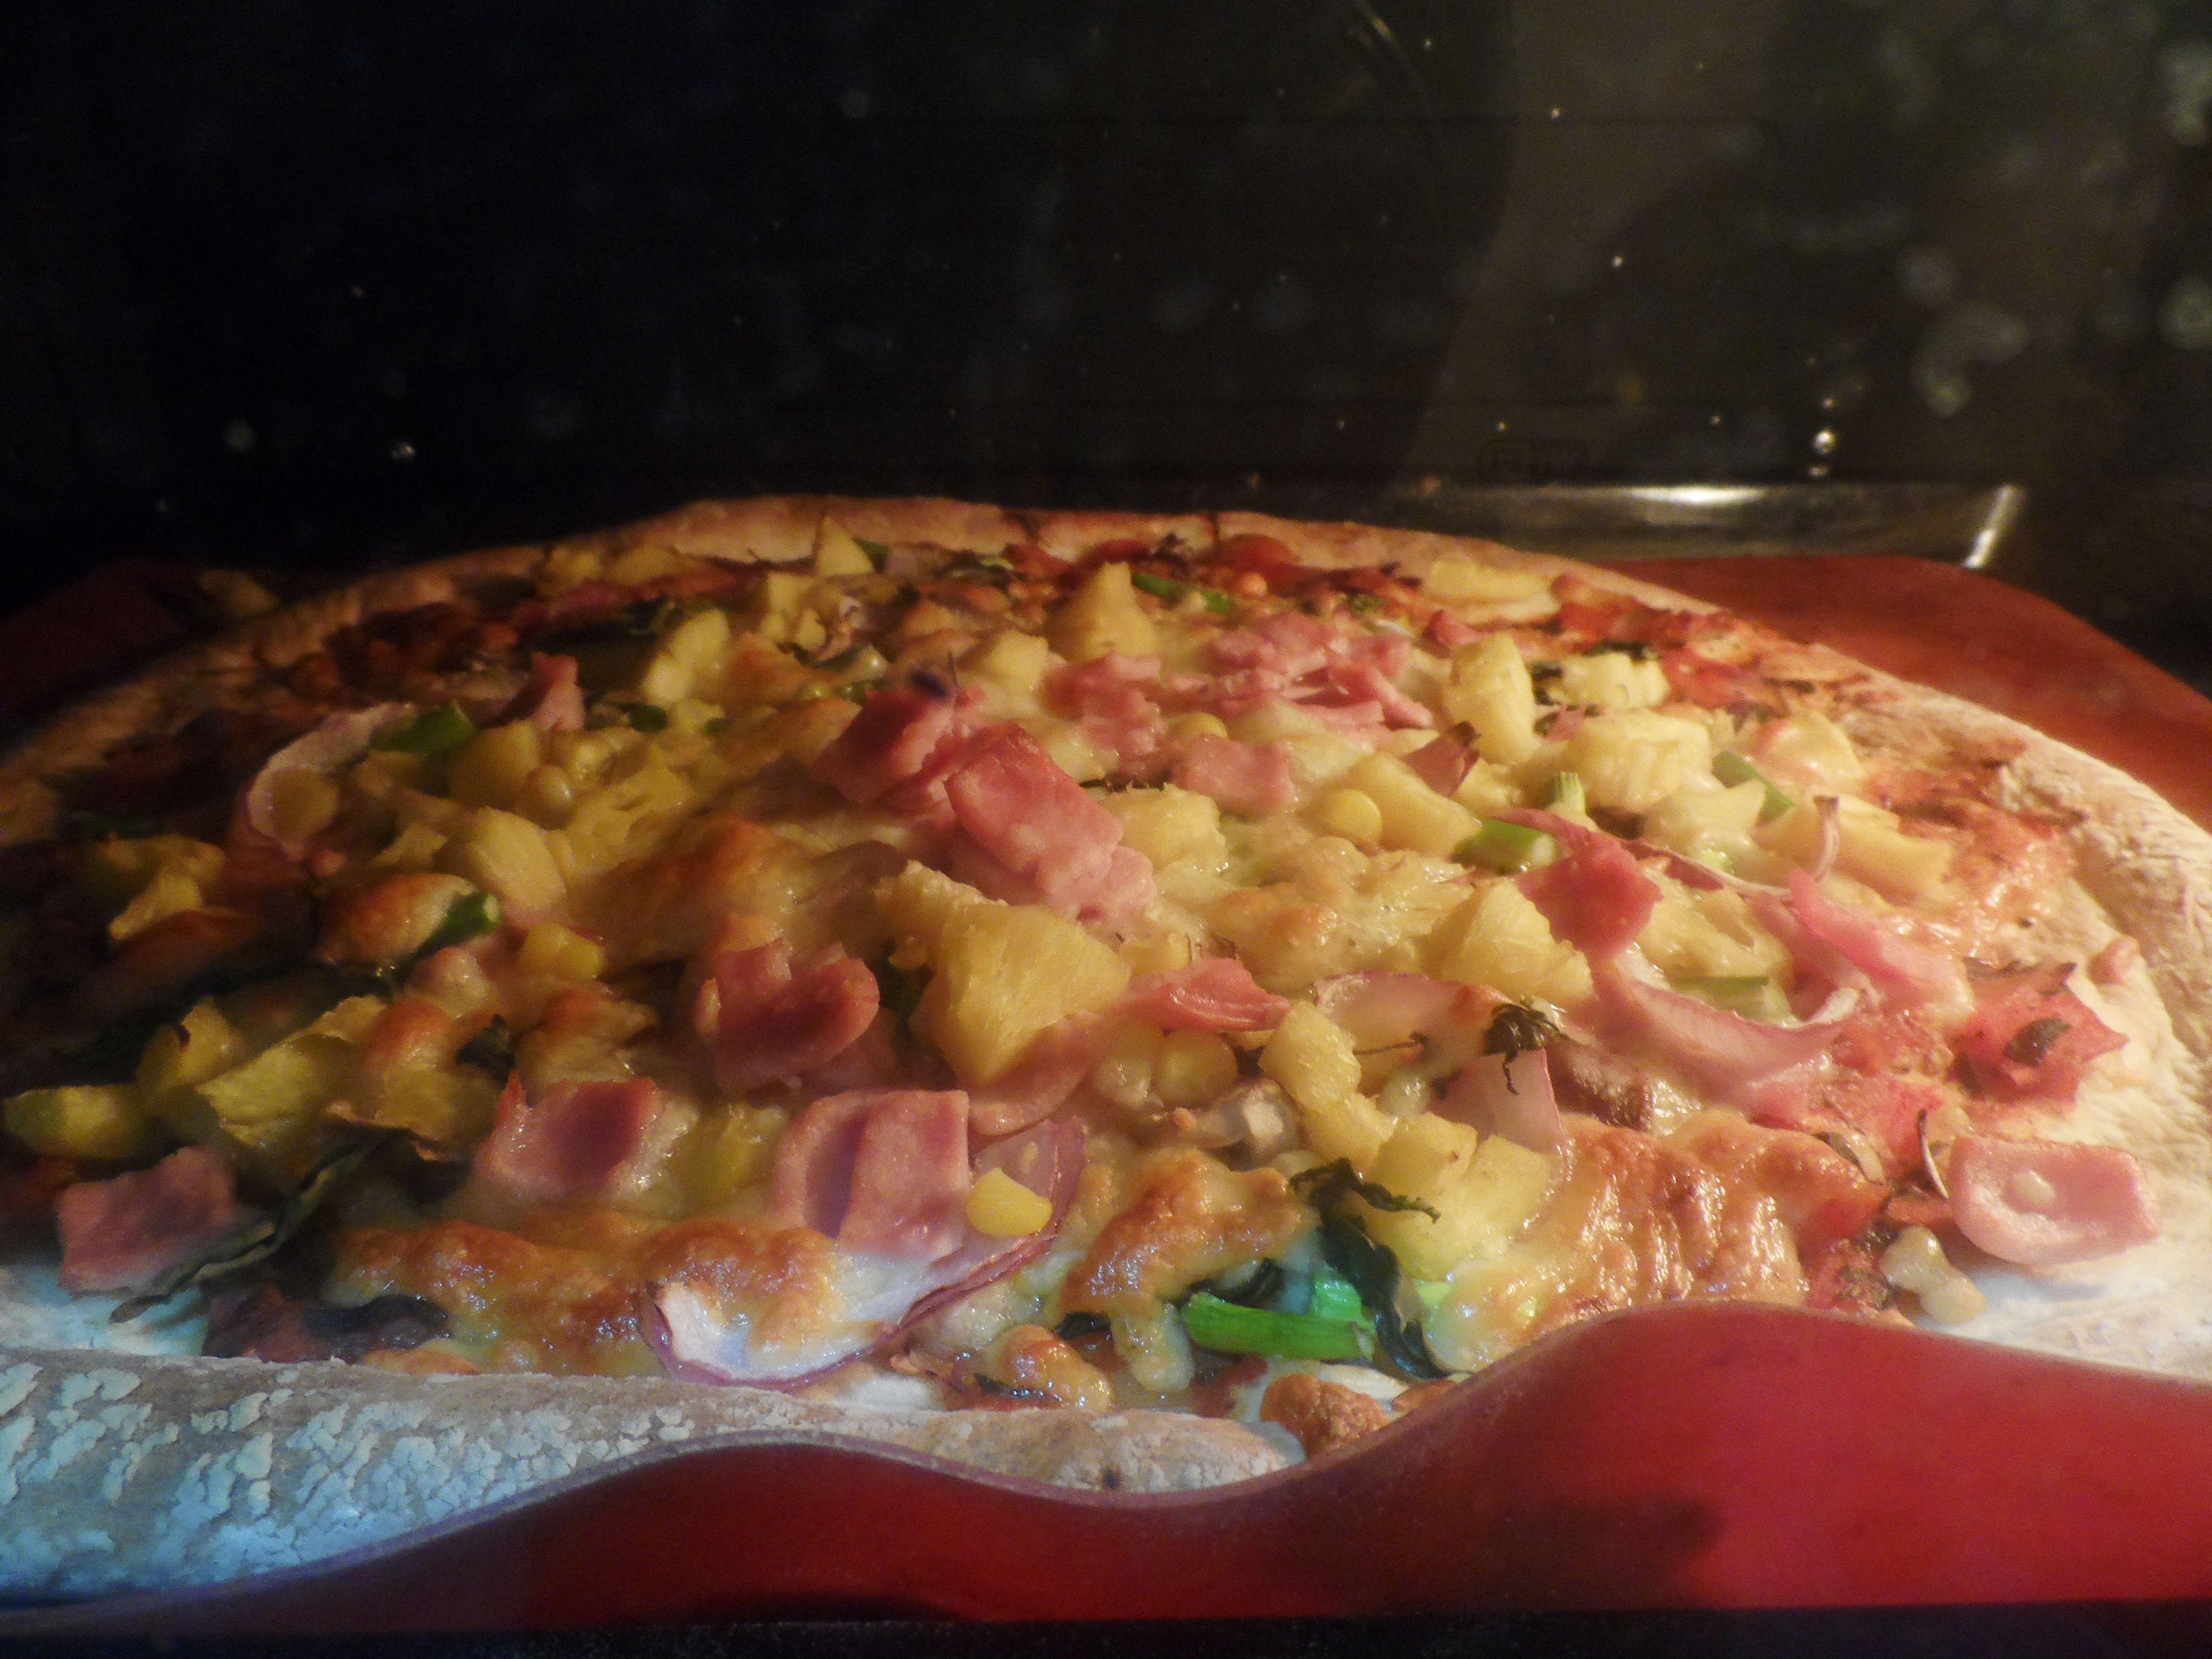 Hawaiian Pizza (My 1st pizza in the world!)